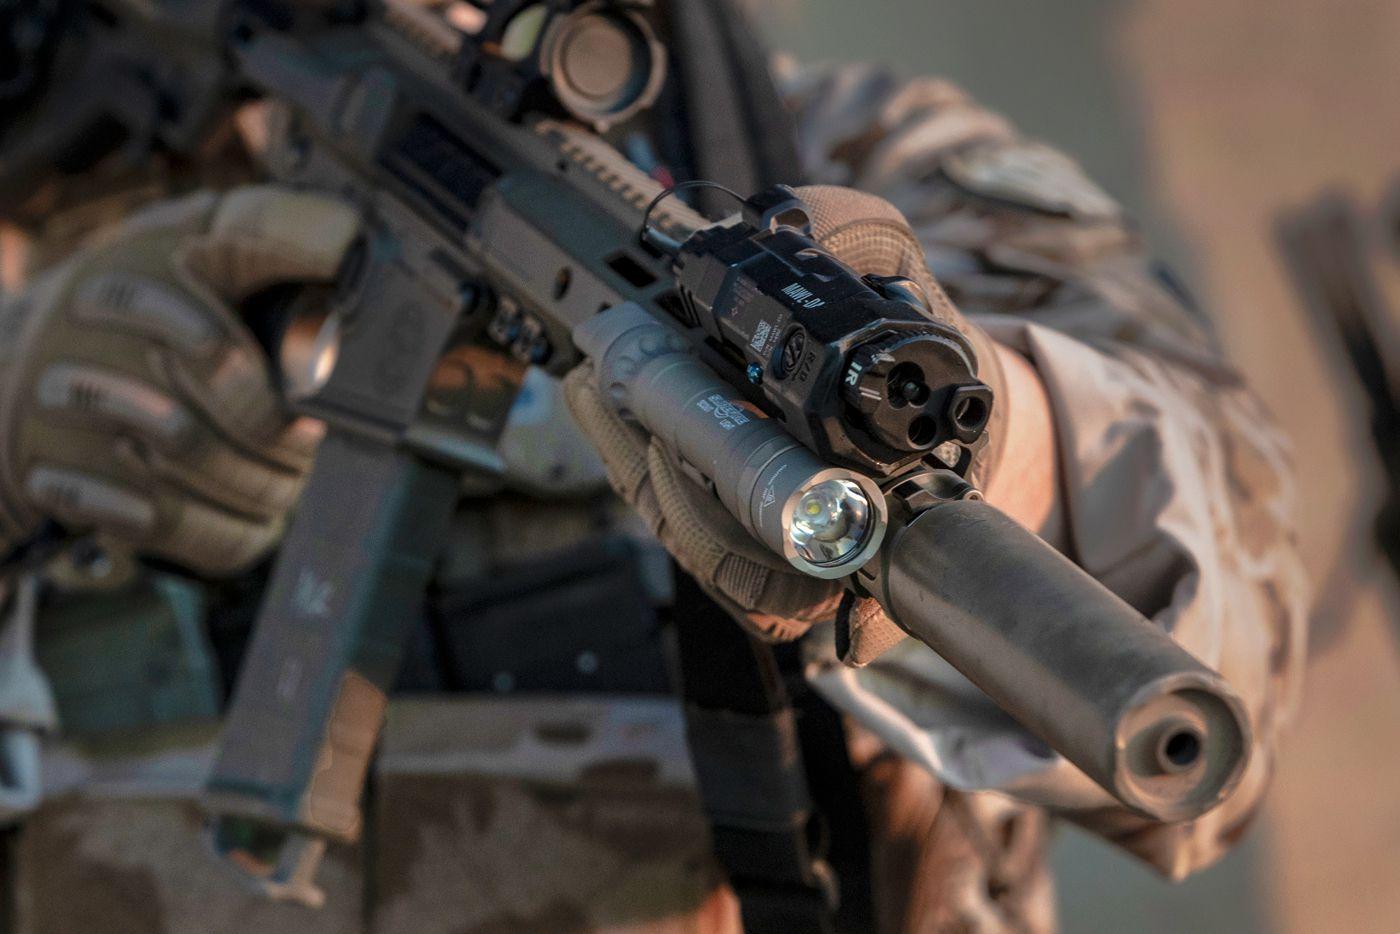 SureFire Launches Scout Light® Pro Weapon Light